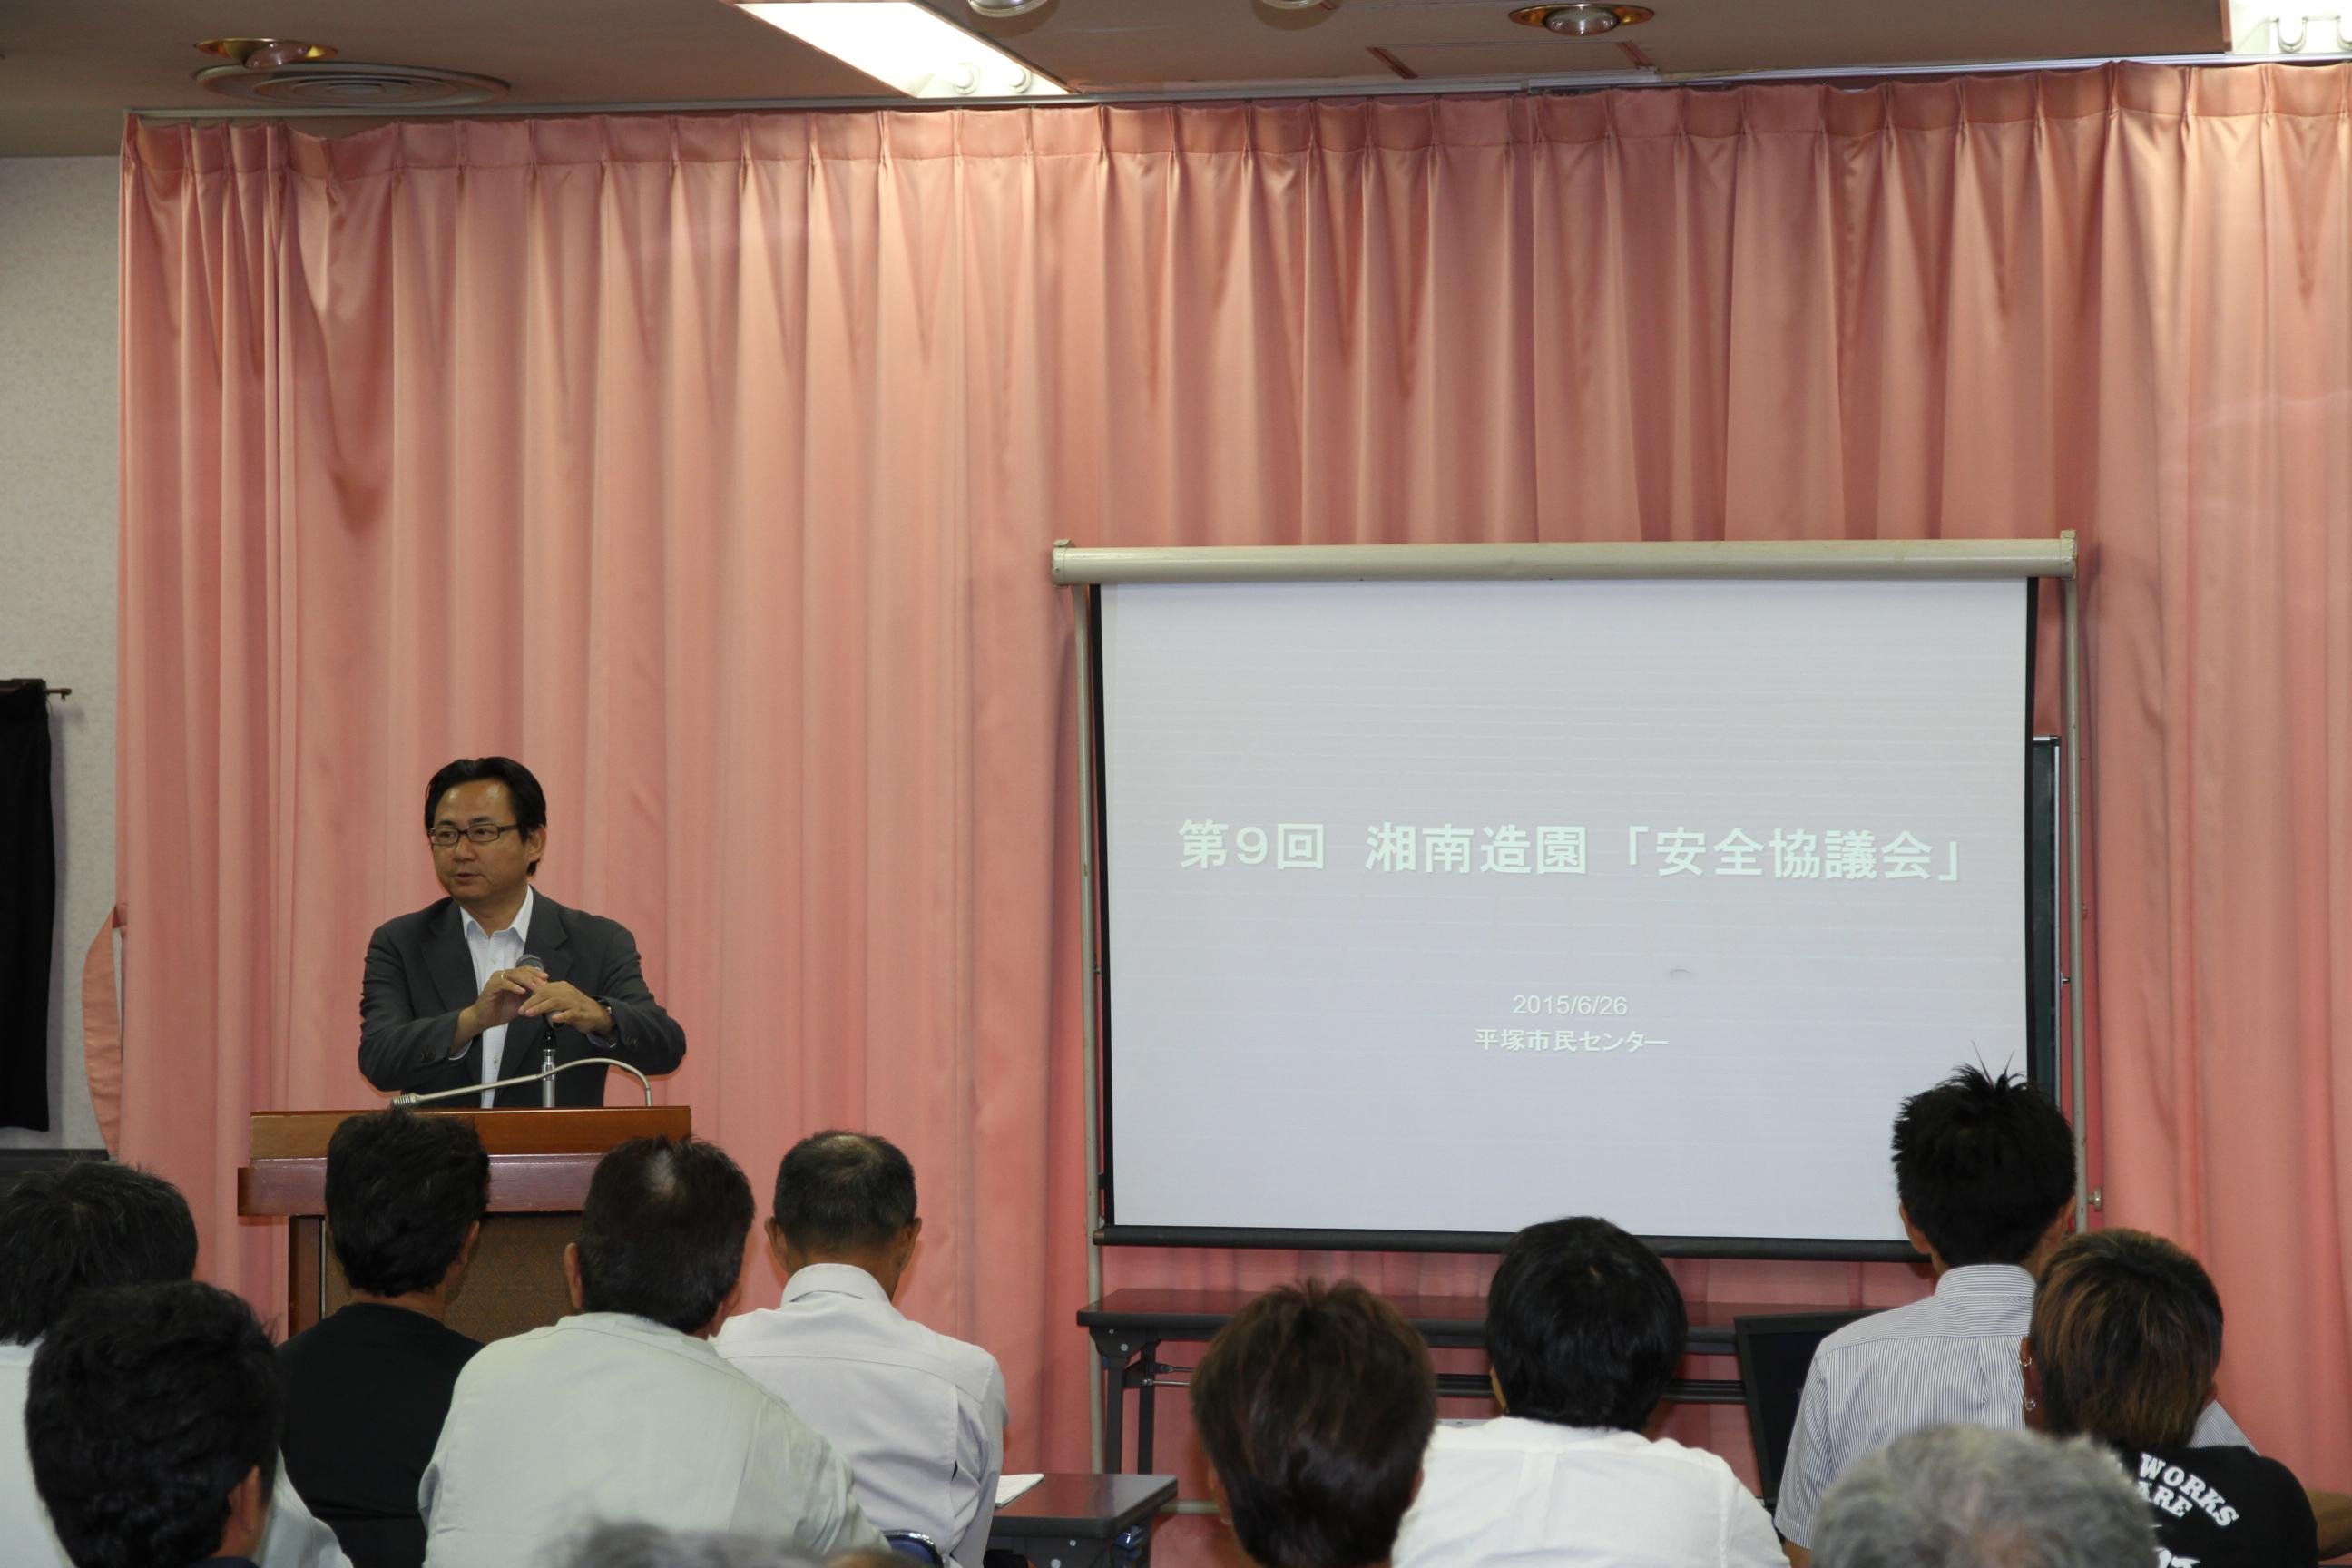 http://www.shonan-ls.co.jp/blog/landscape/img/IMG_3261.JPG